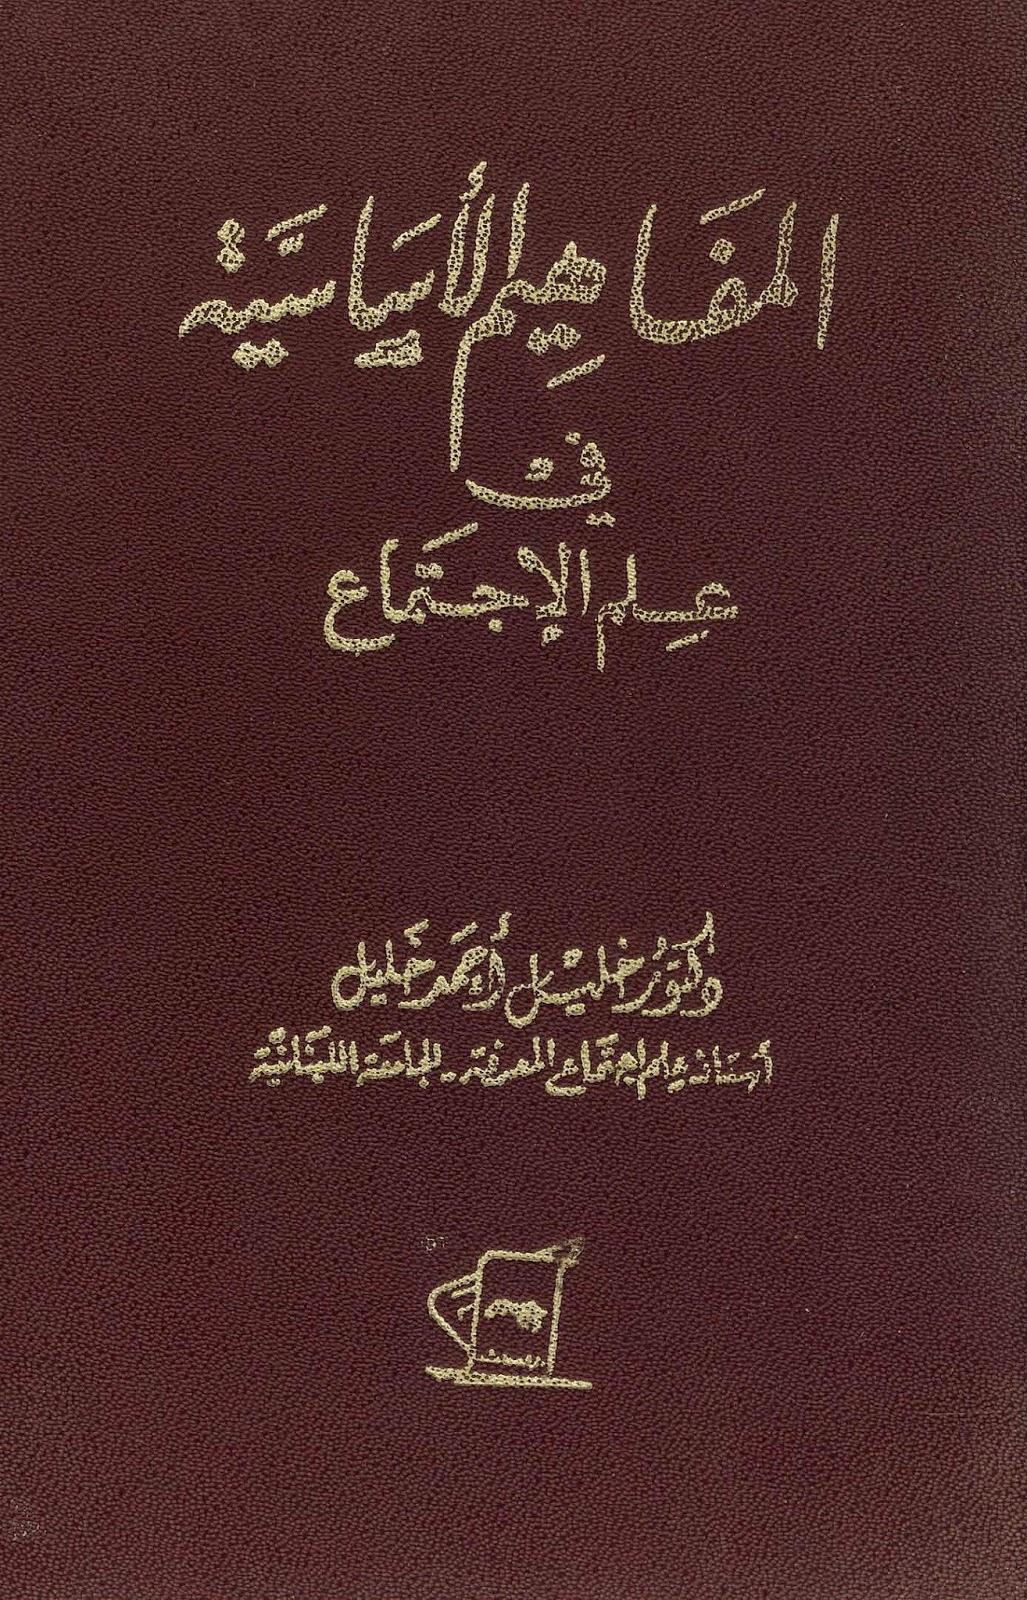 المفاهيم الأساسية في علم الاجتماع لـ خليل أحمد خليل